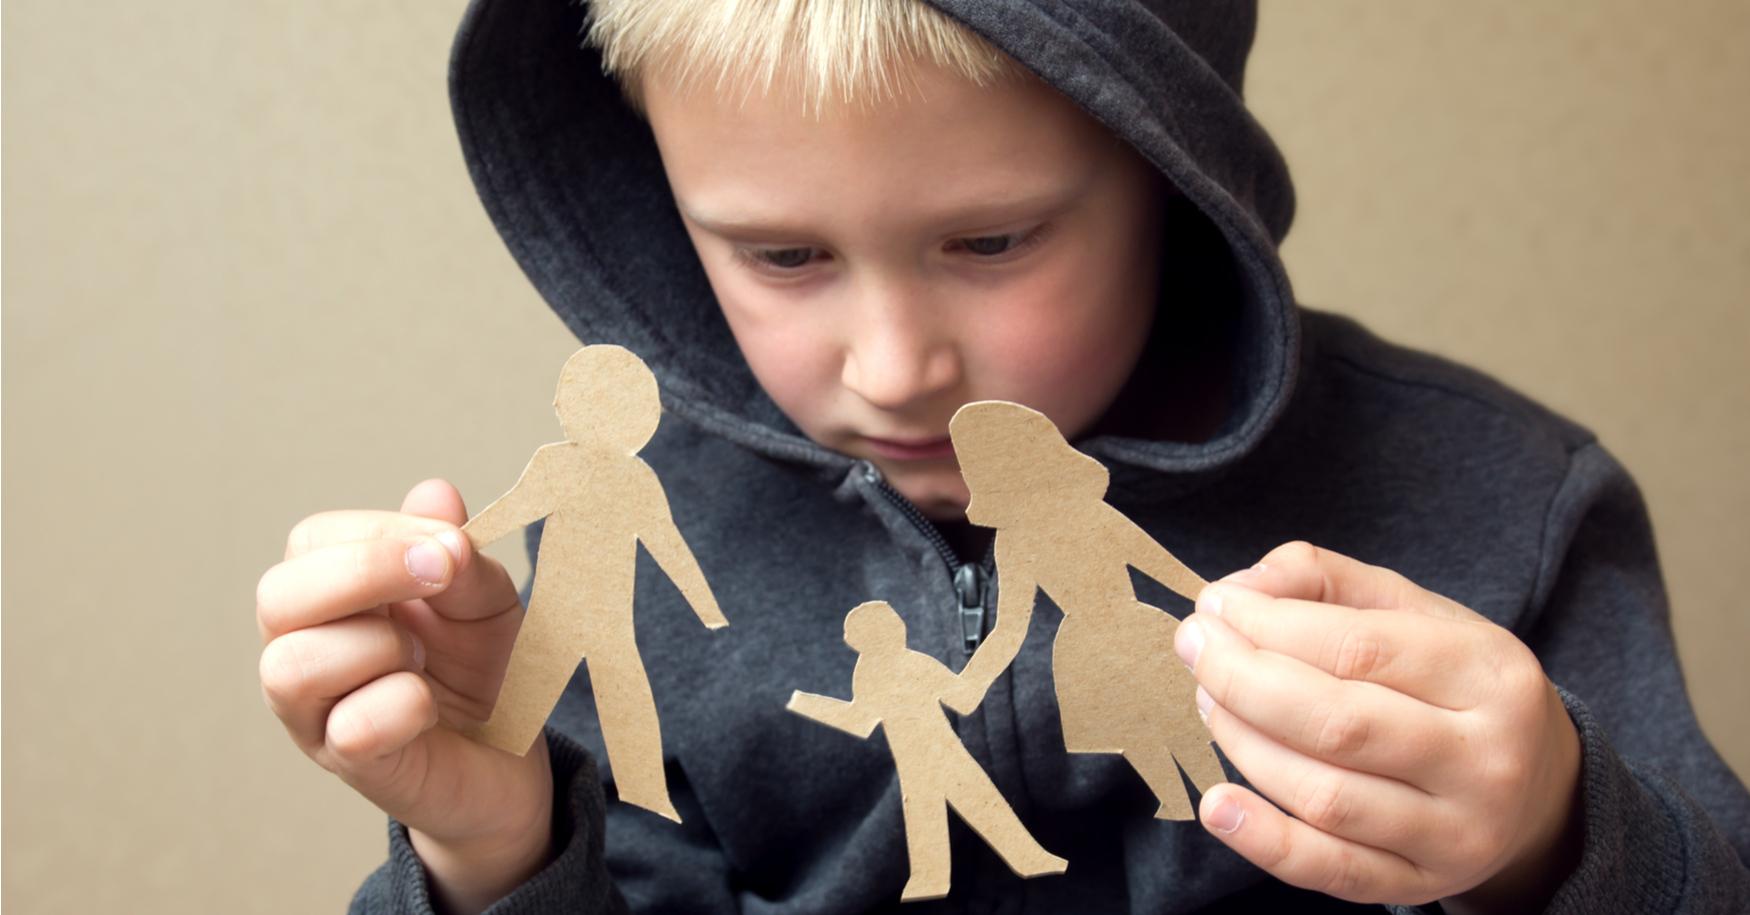 Junge sieht Trennung der Eltern